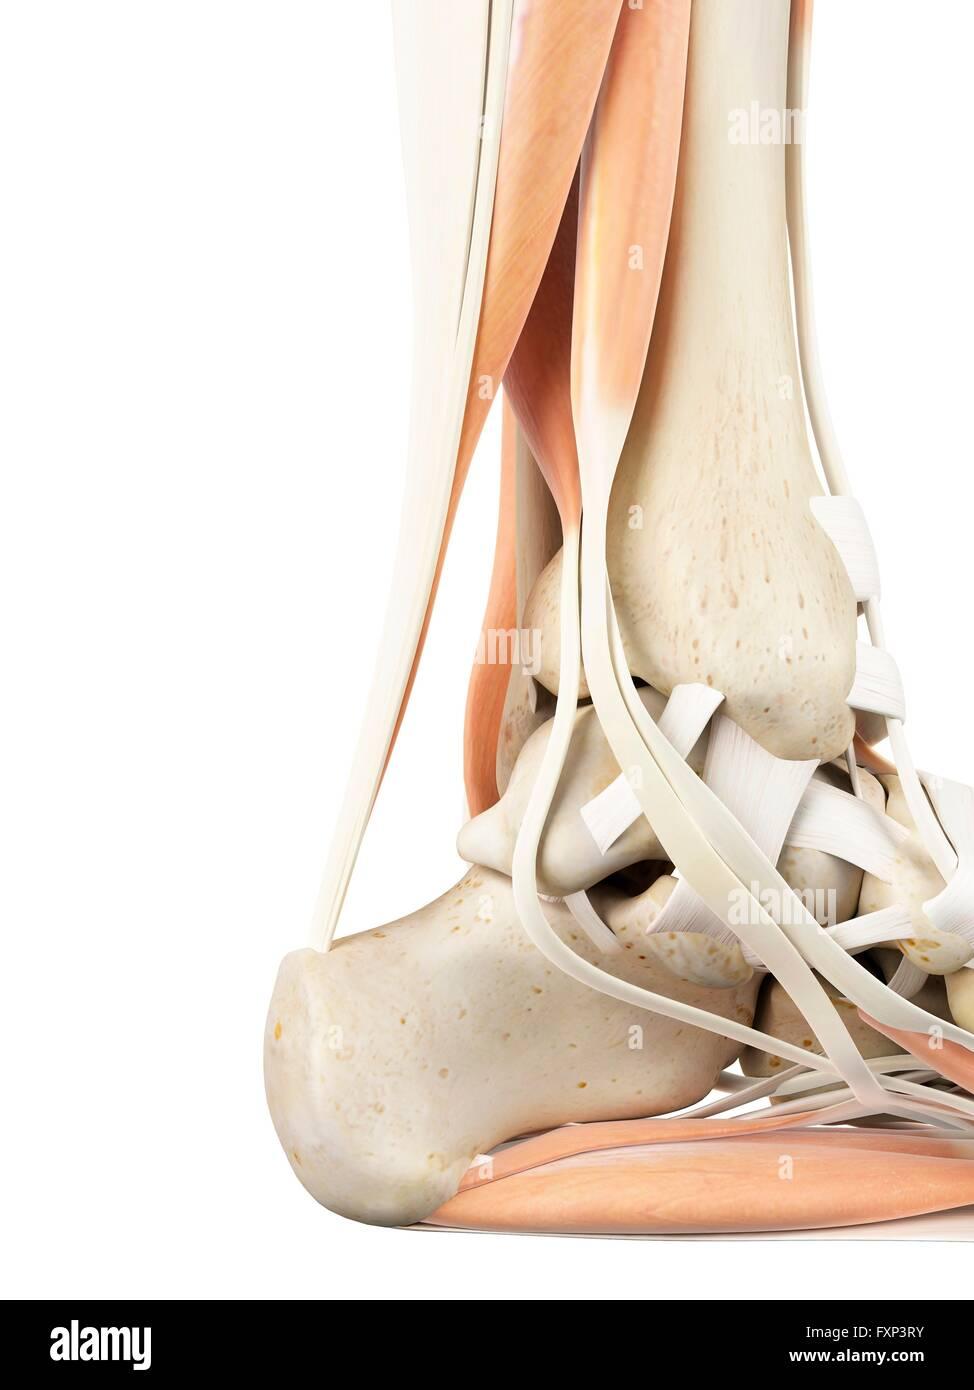 Groß Anatomie Des Fußes Und Des Beins Bilder - Anatomie Ideen ...